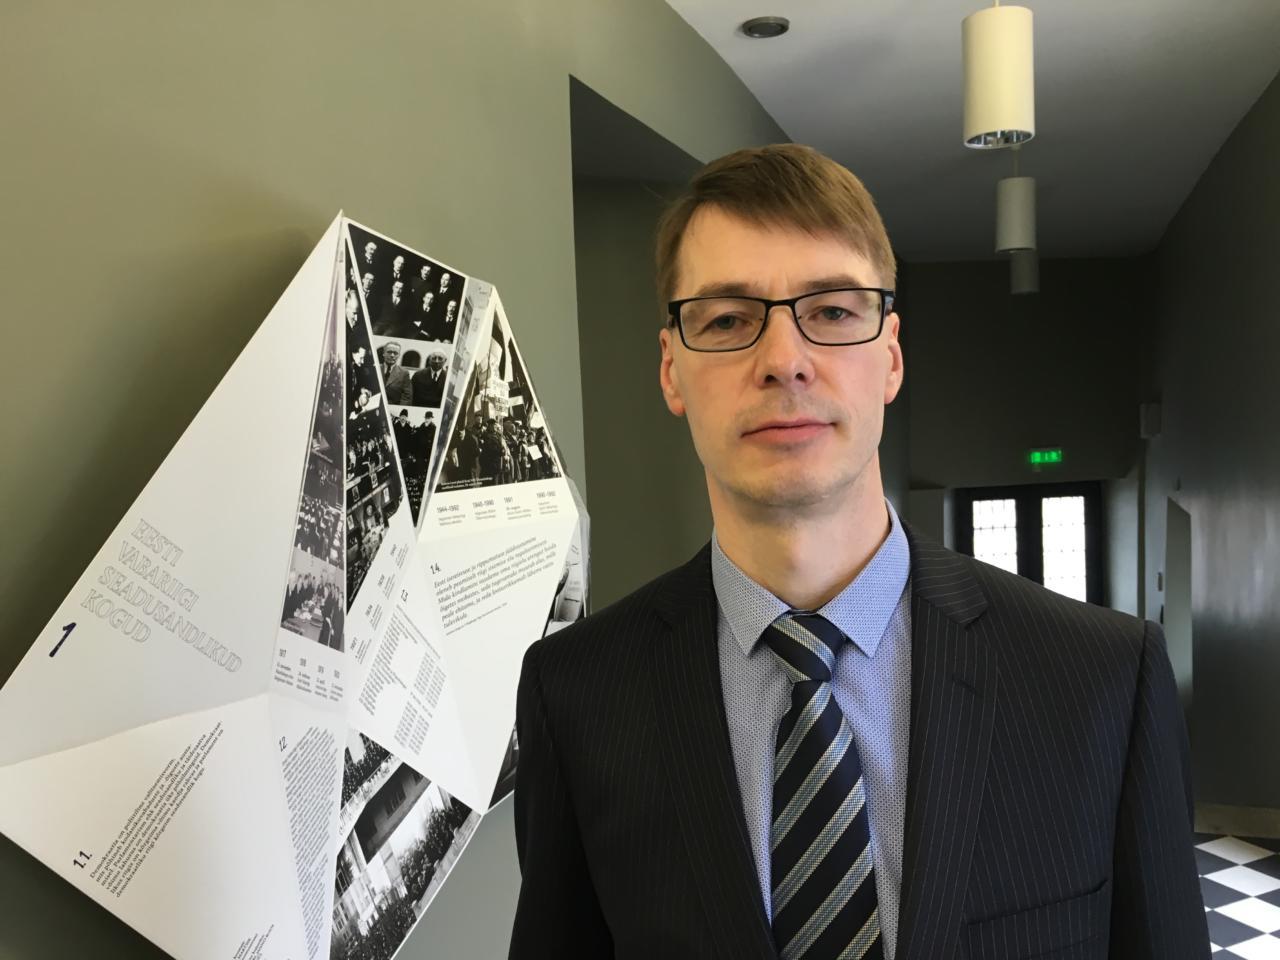 Väliskaubanduse ja infotehnoloogiaministri kandidaat Marti Kuusik: internetivabadust ei tohi piirata!